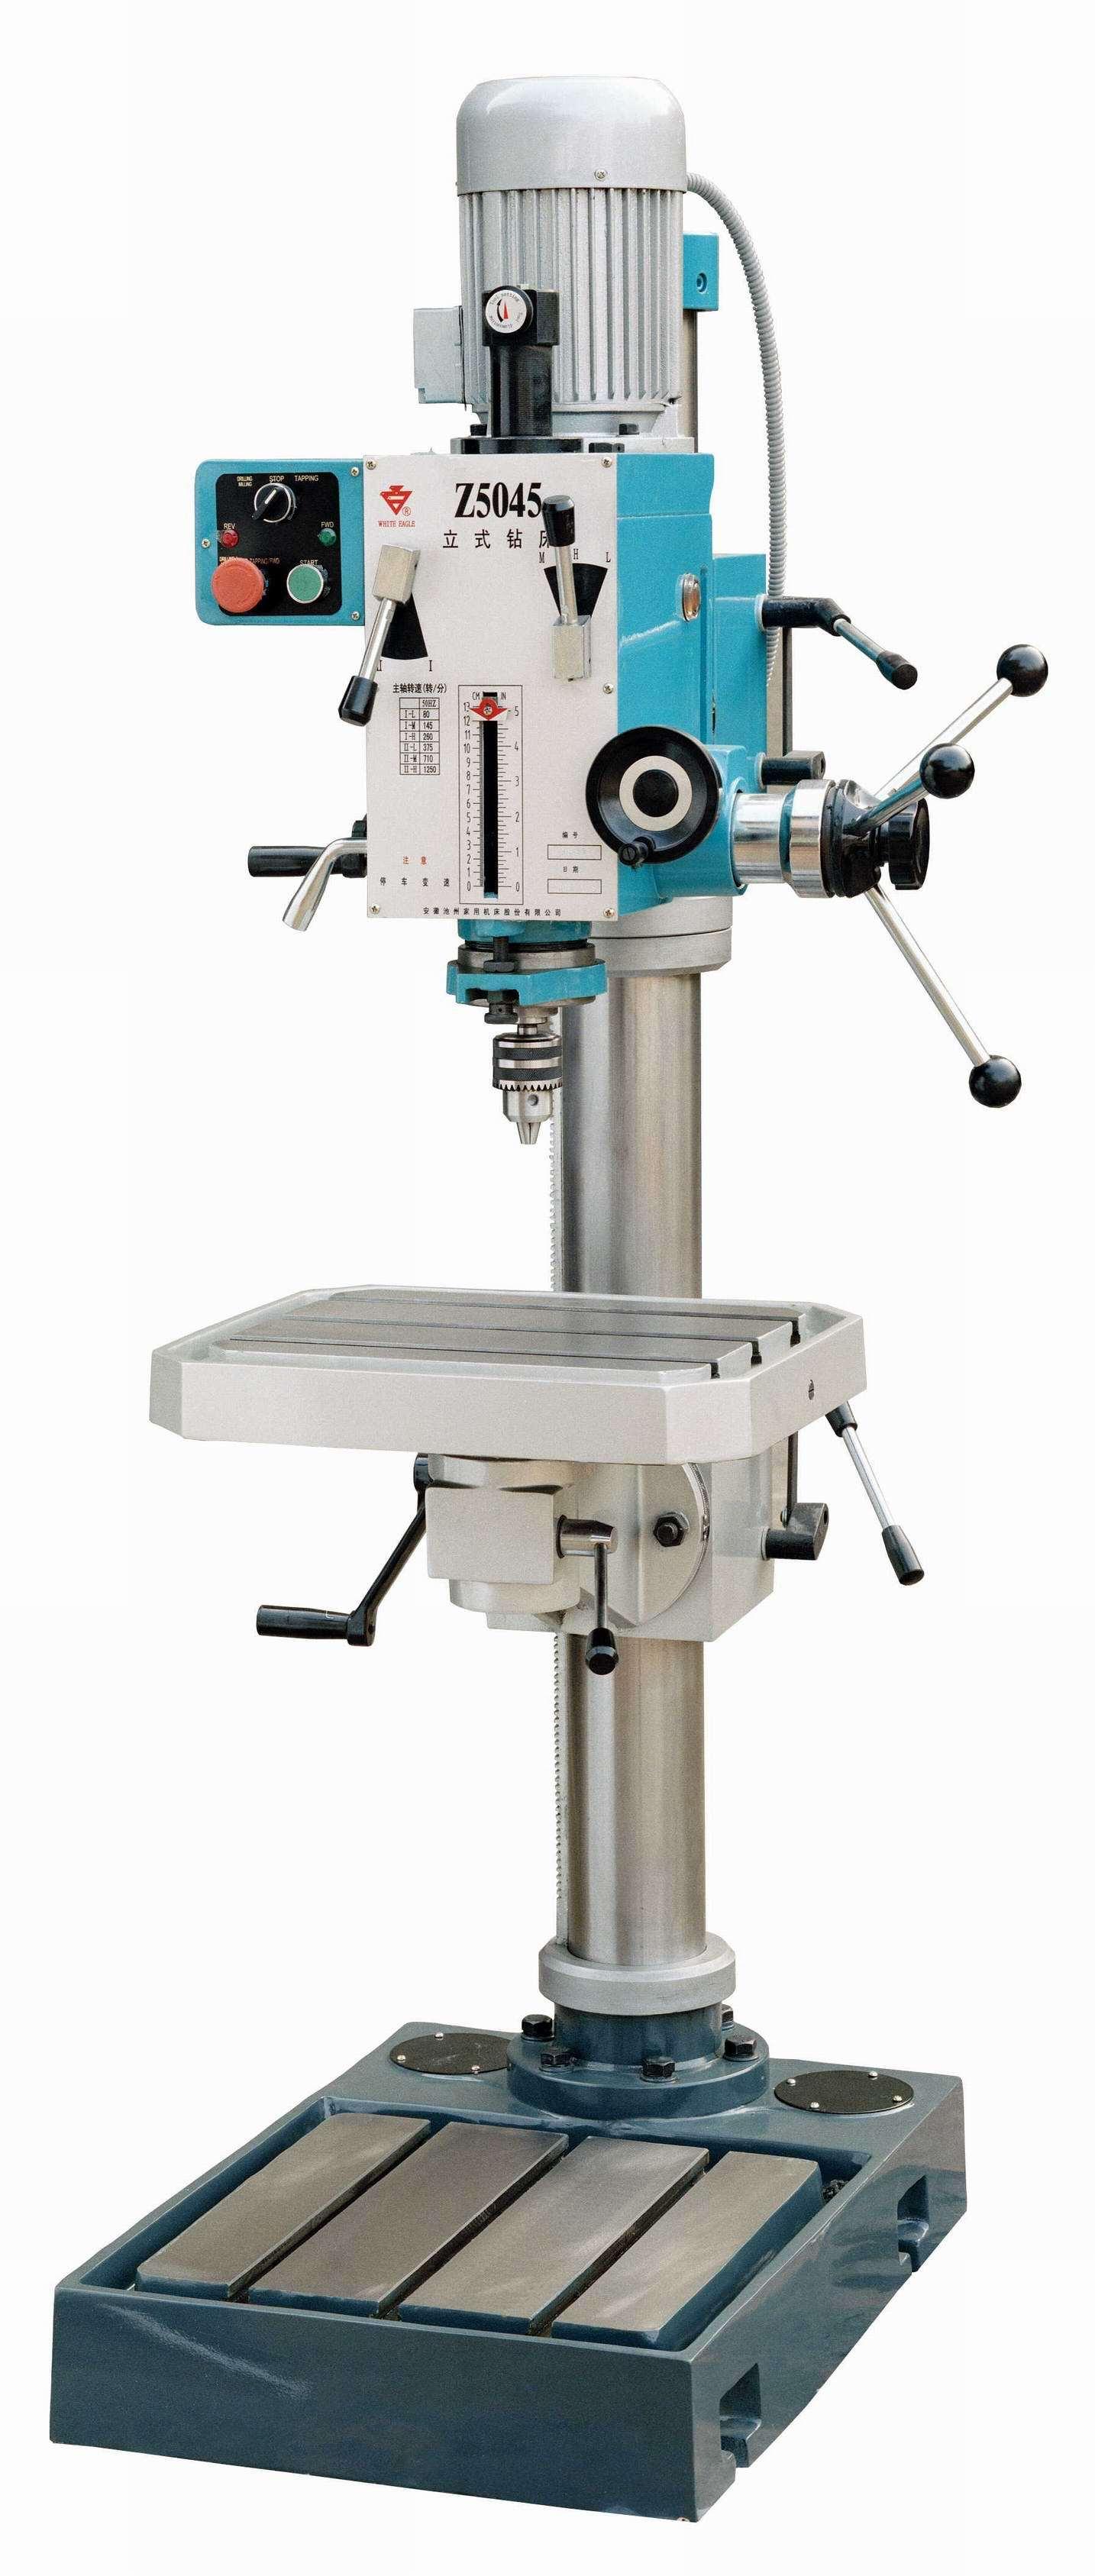 Upright Drilling Machine (Z5032 Z4040 Z5045)